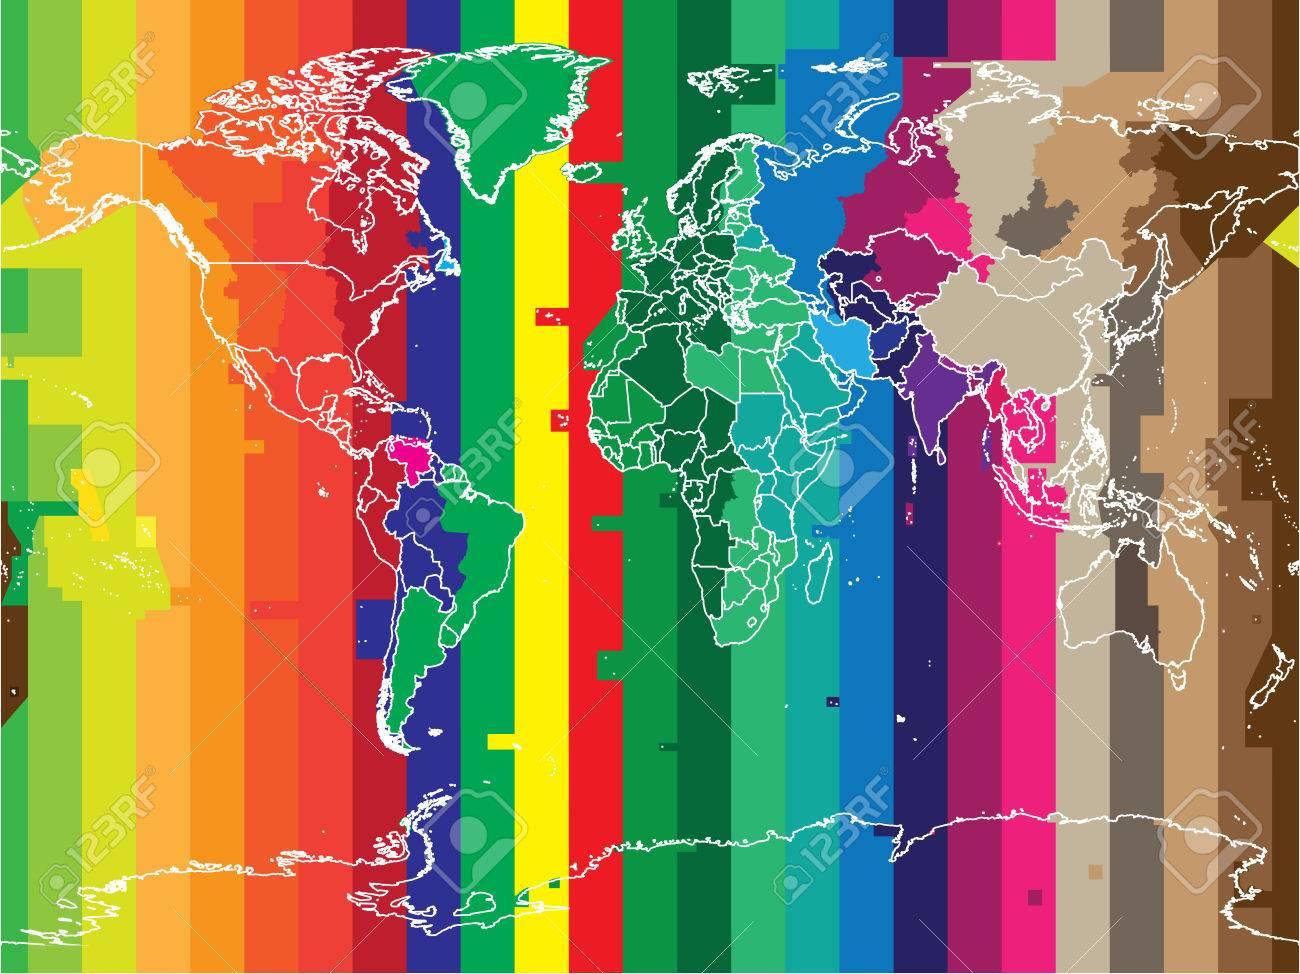 Carte Du Monde Avec Les Pays Et Fuseaux Horaires De Couleur Dans